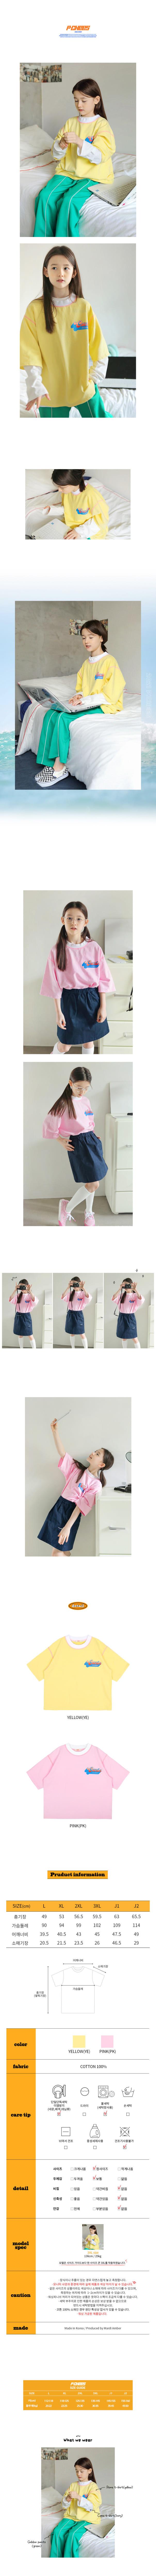 PEACH-CREAM - Korean Children Fashion - #Kfashion4kids - Peine Tee - 2